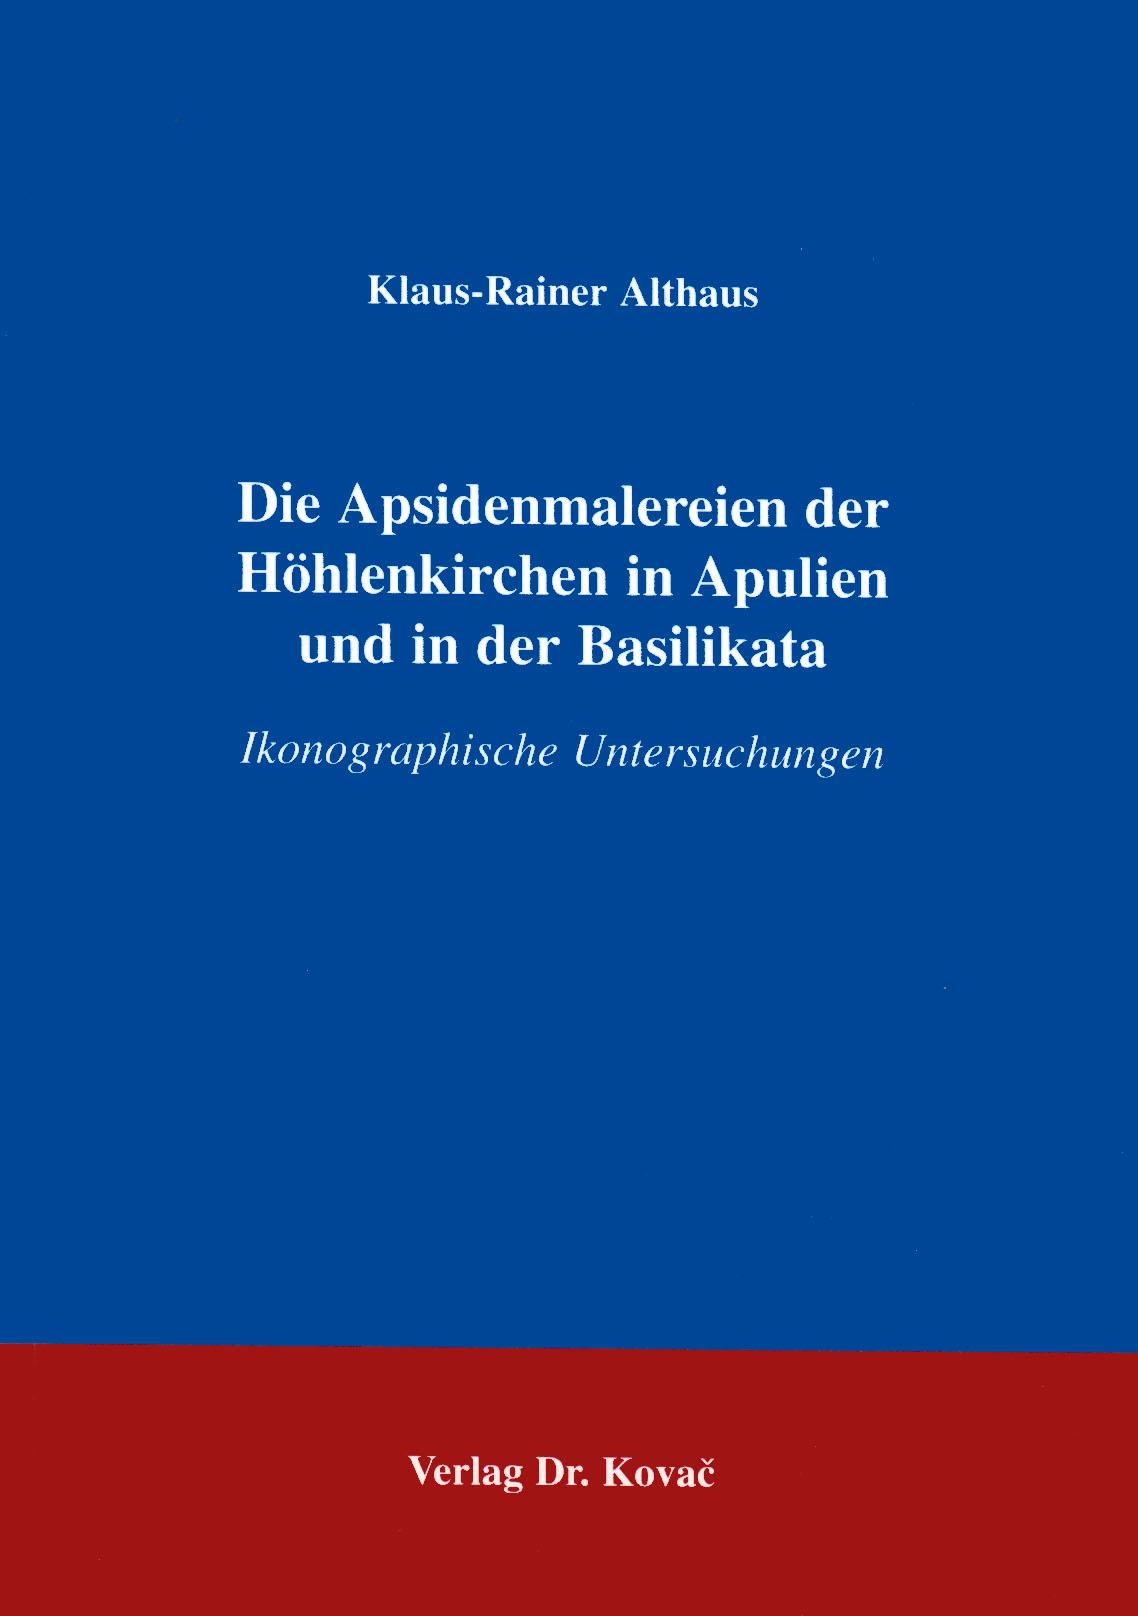 Cover: Die Apsidenmalereien der Höhlenkirchen in Apulien und in der Basilikata